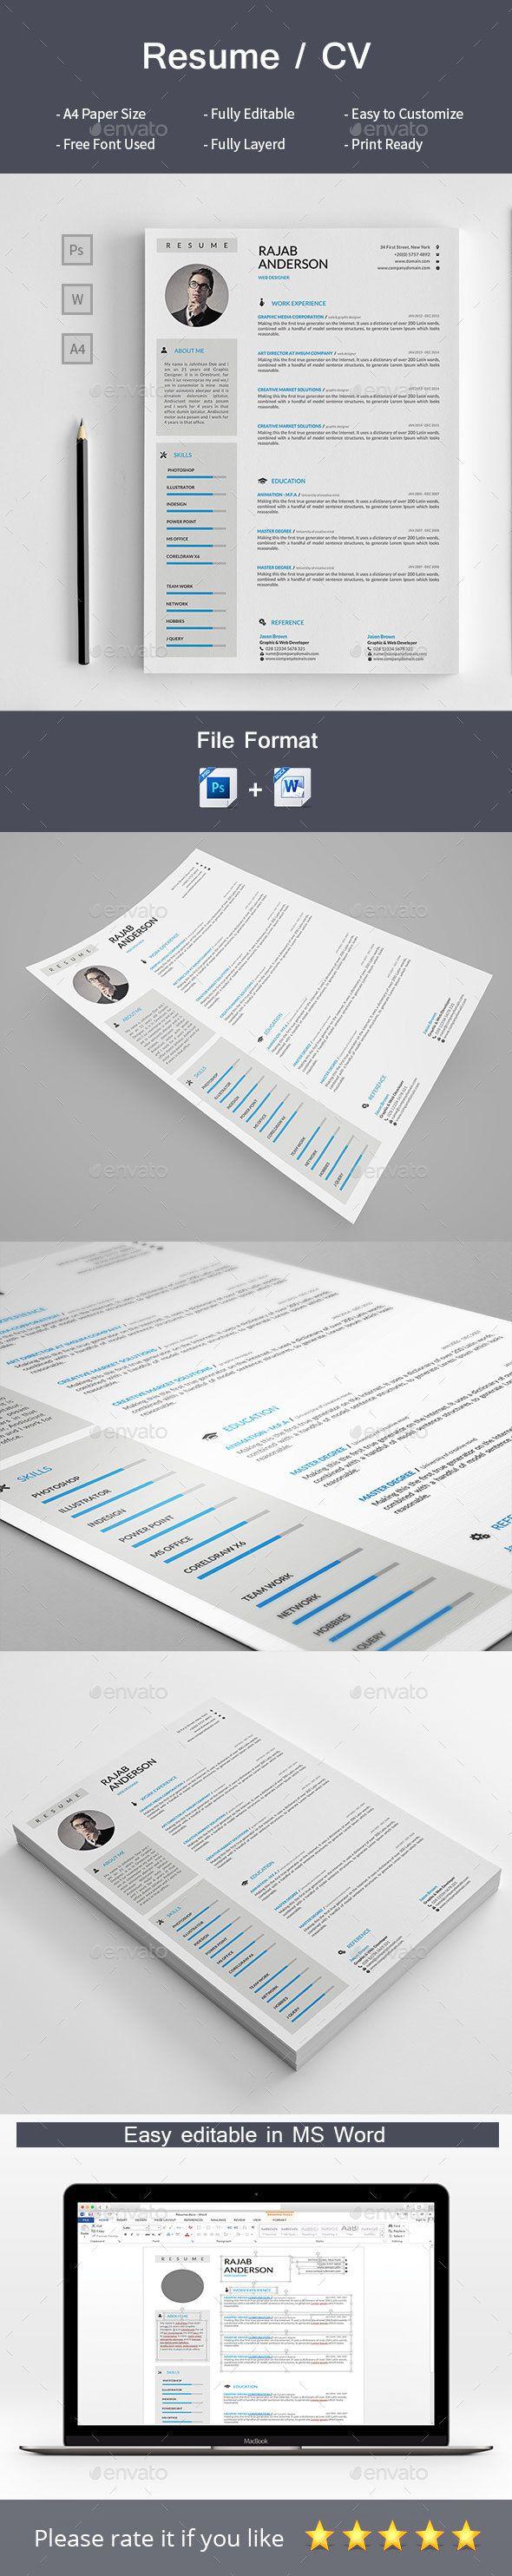 Resume/CV | Plantilla cv y Plantas